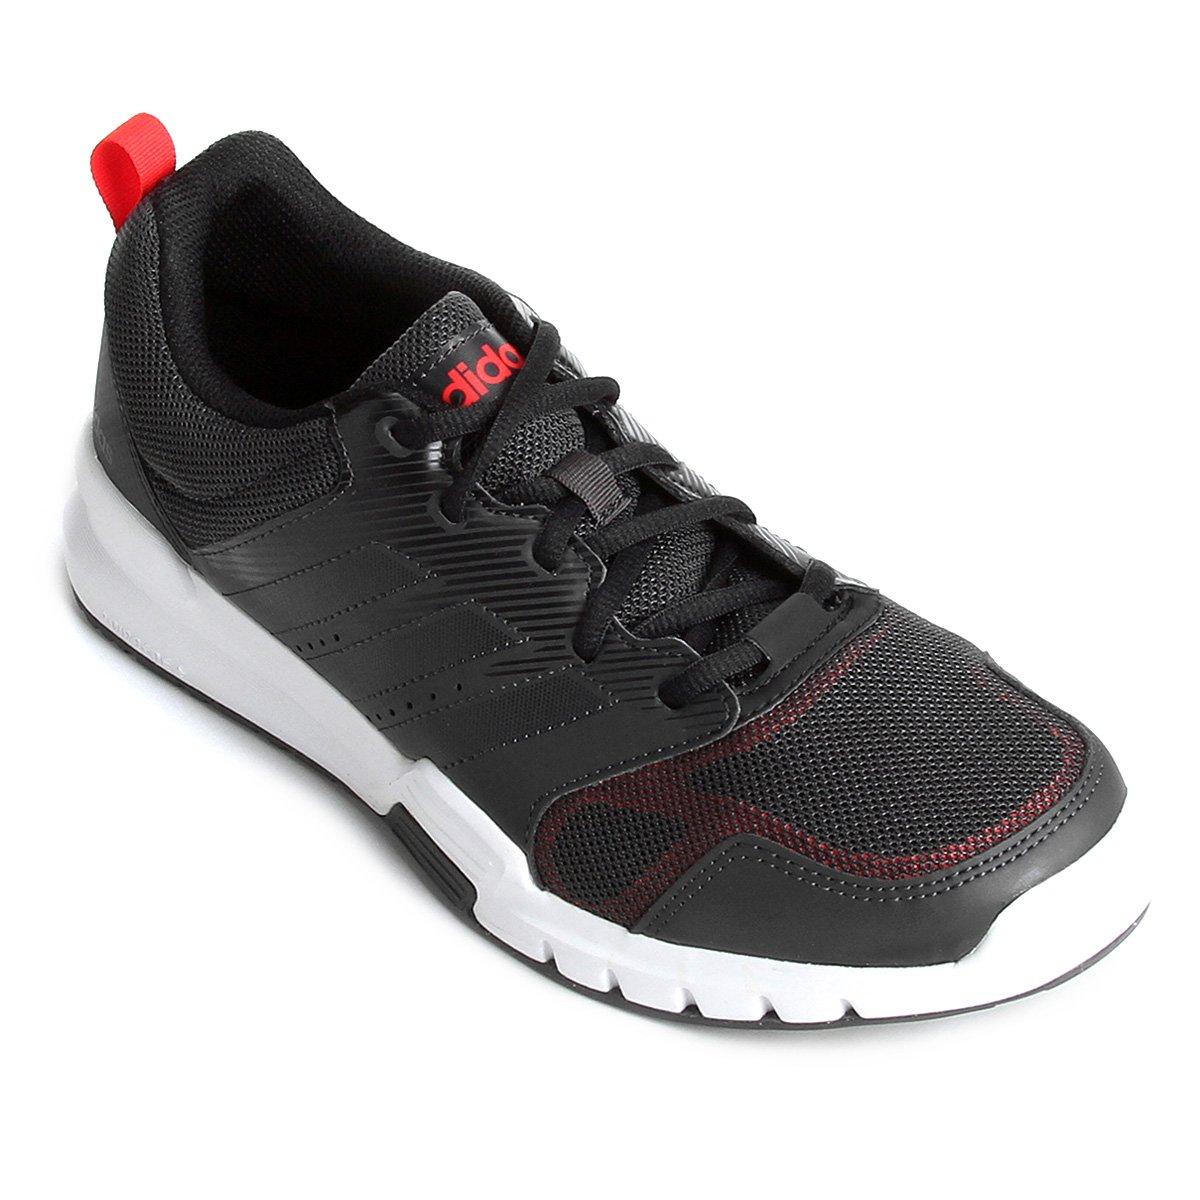 Preto Essential Tênis Adidas Adidas Essential Masculino Star e 3 Vermelho Star Tênis 3 Masculino HxpPqw